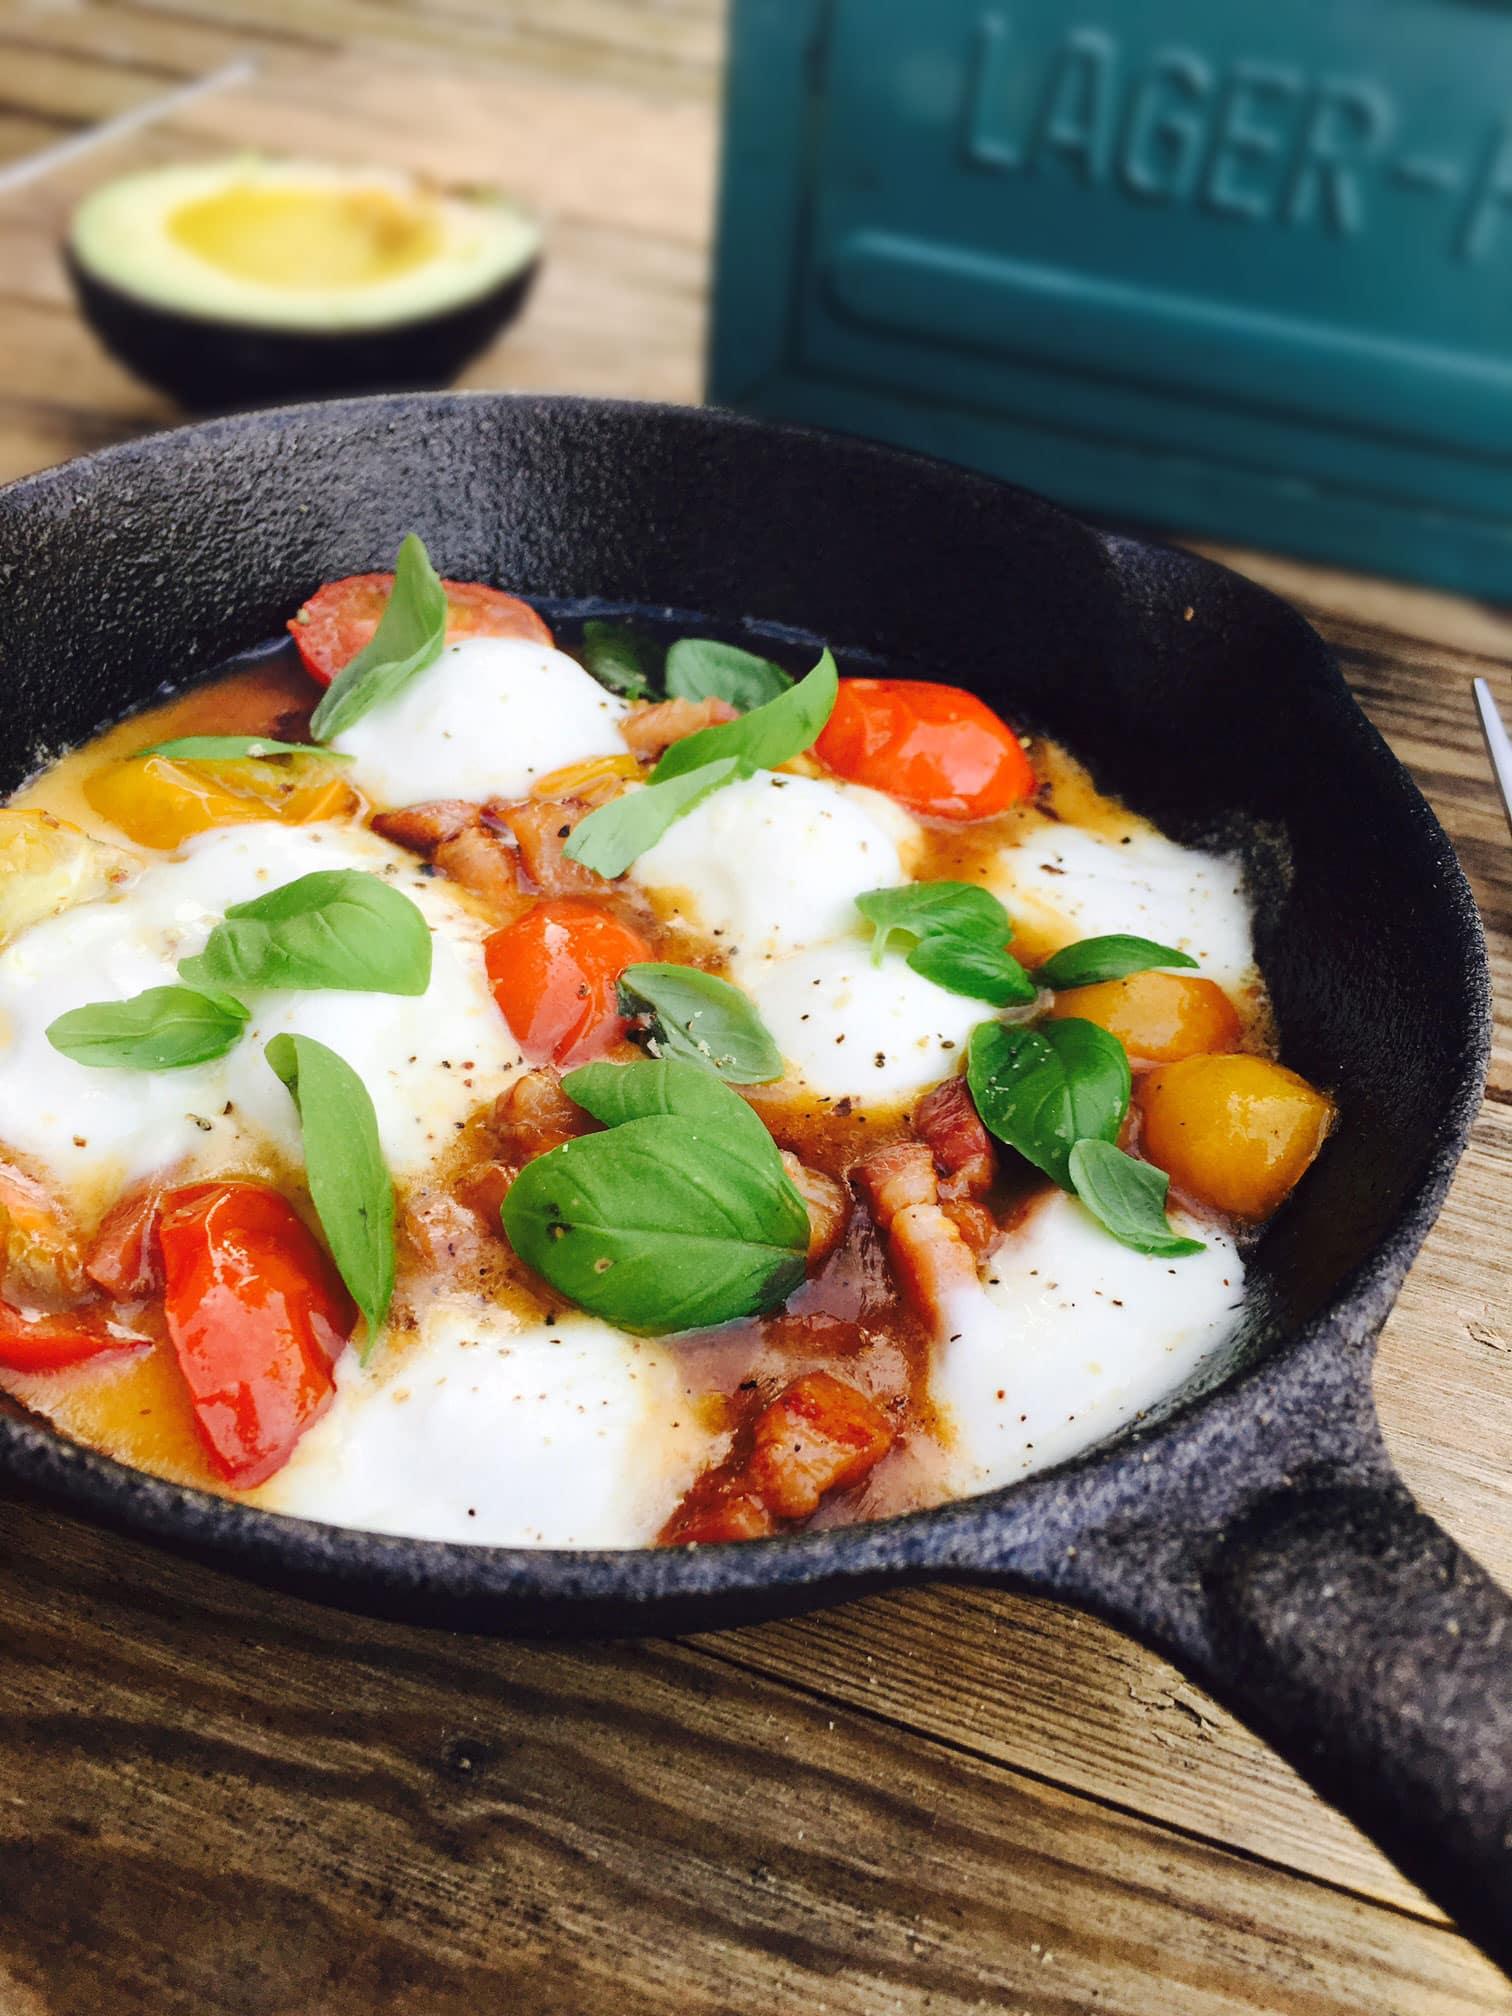 Lækker low carb morgenmad for én: Pande med bacon, tomater og varm bøffelmozzarella. Opskrift her: